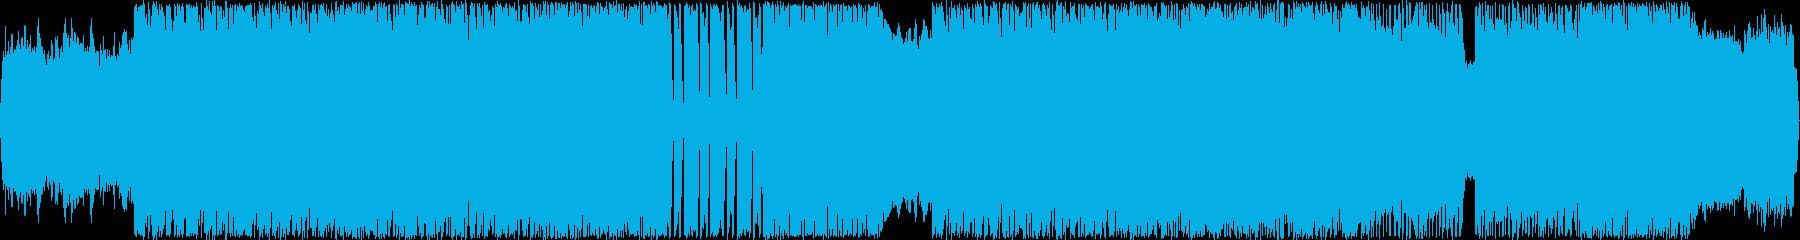 シンセ入りハード系ロック曲の再生済みの波形